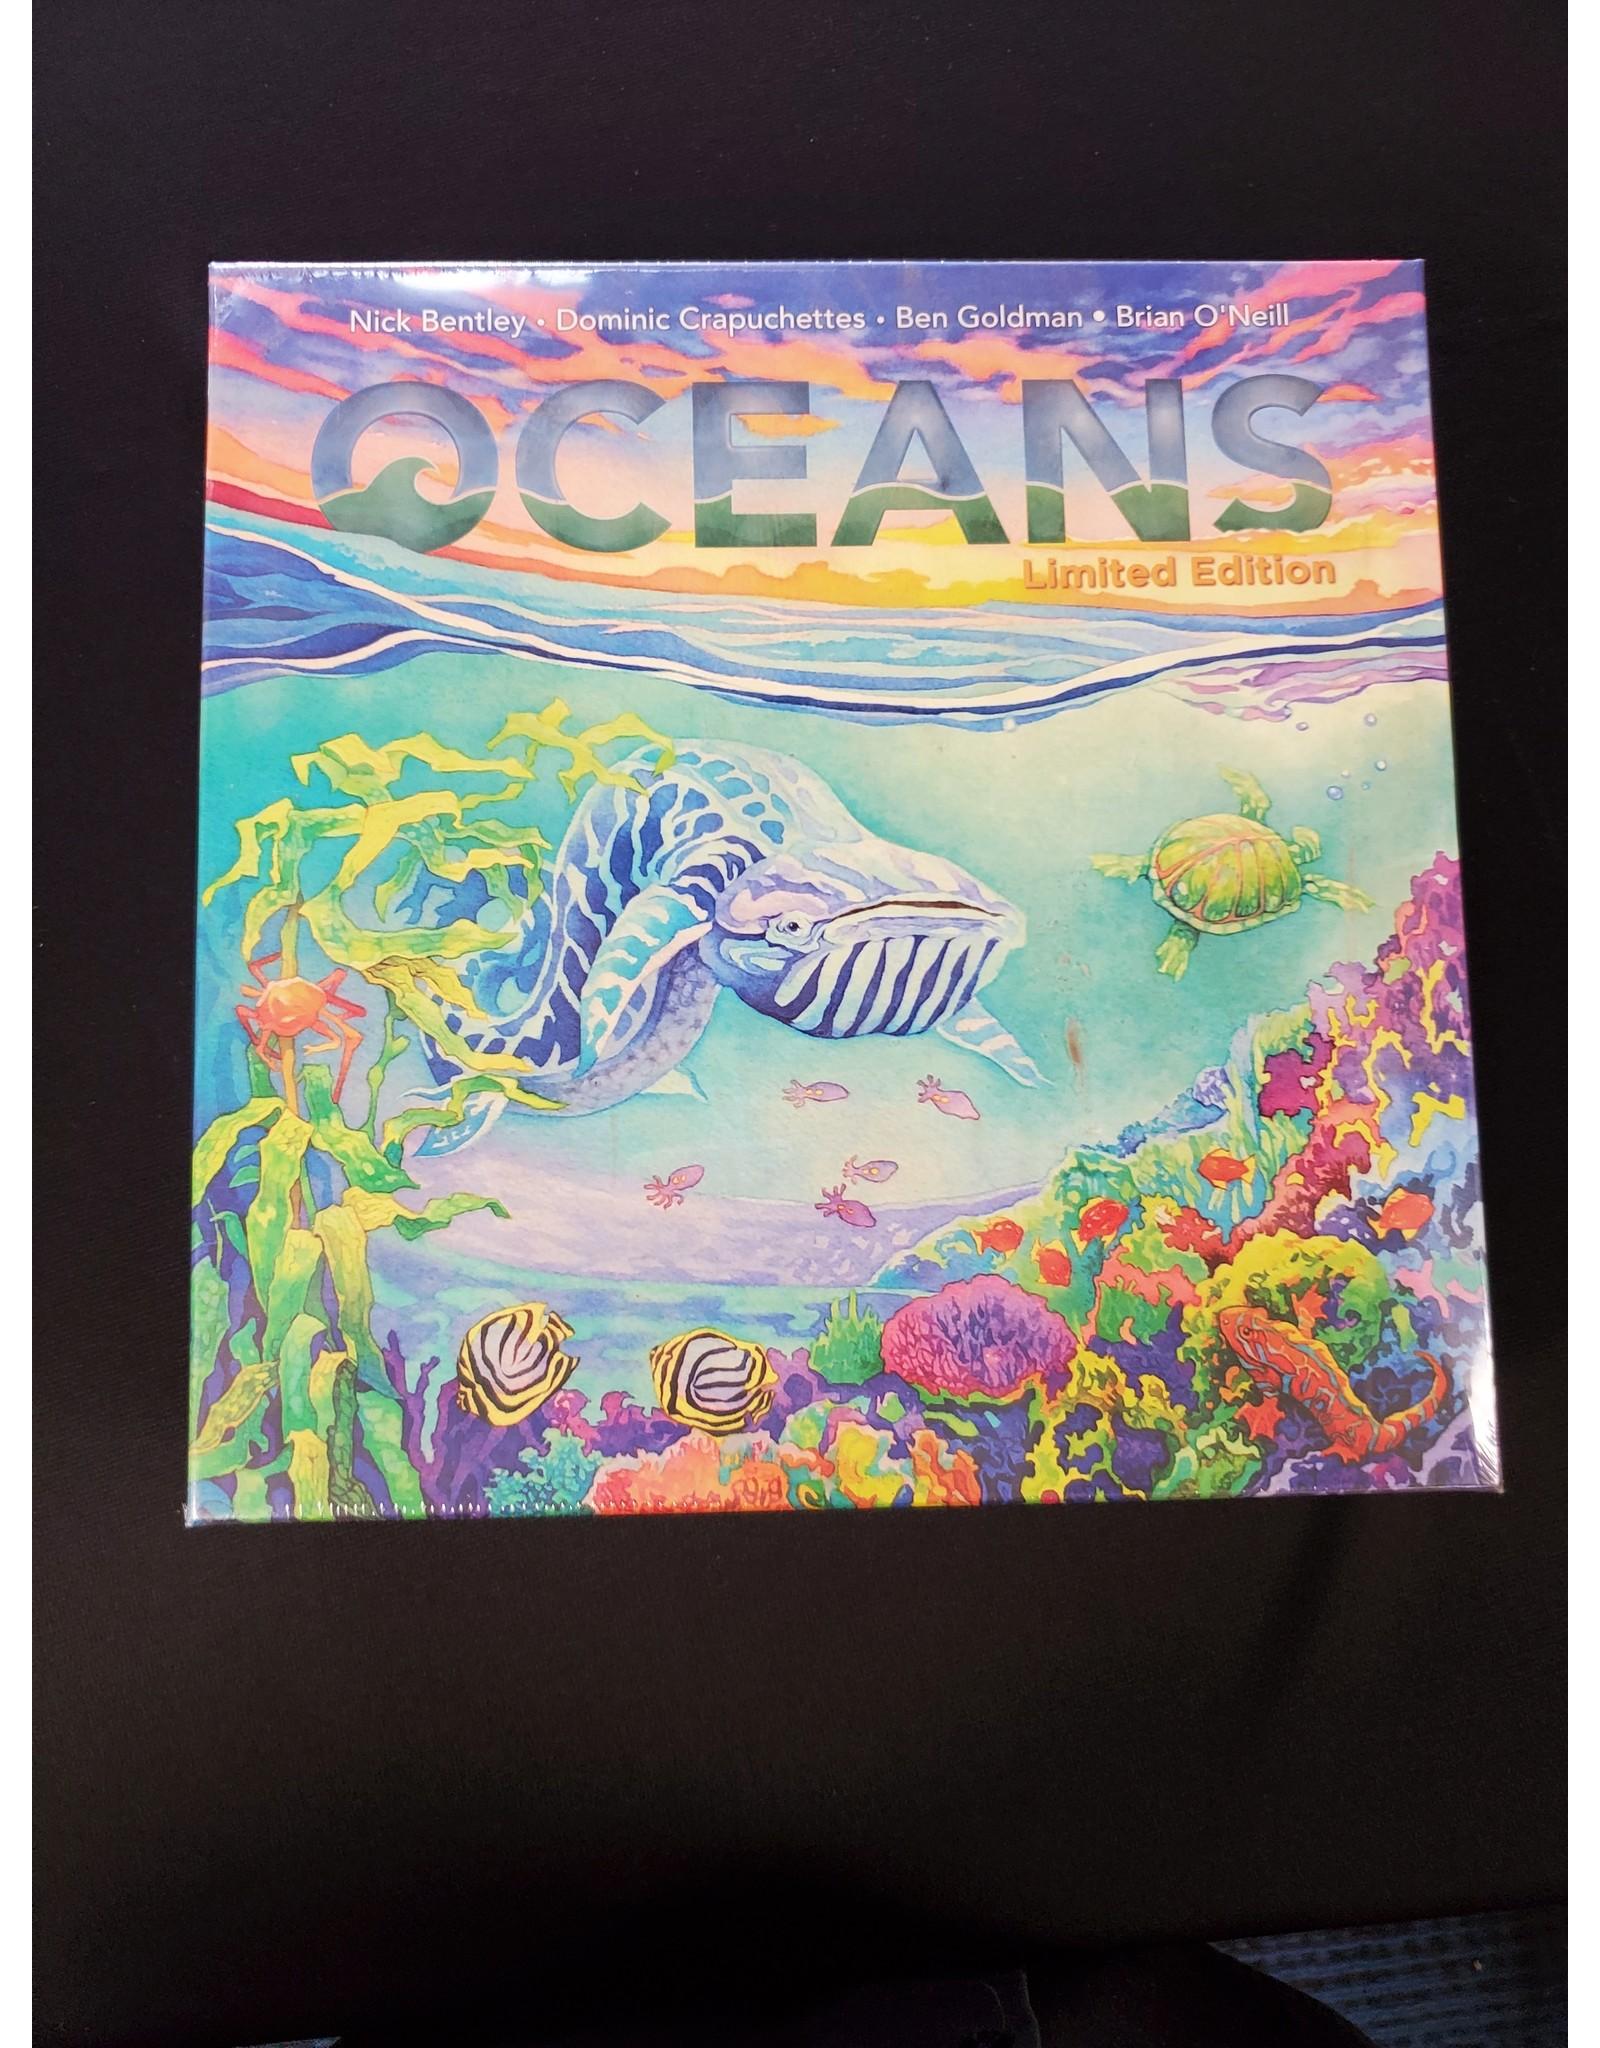 Ding & Dent Oceans: Limited Edition (Ding & Dent)